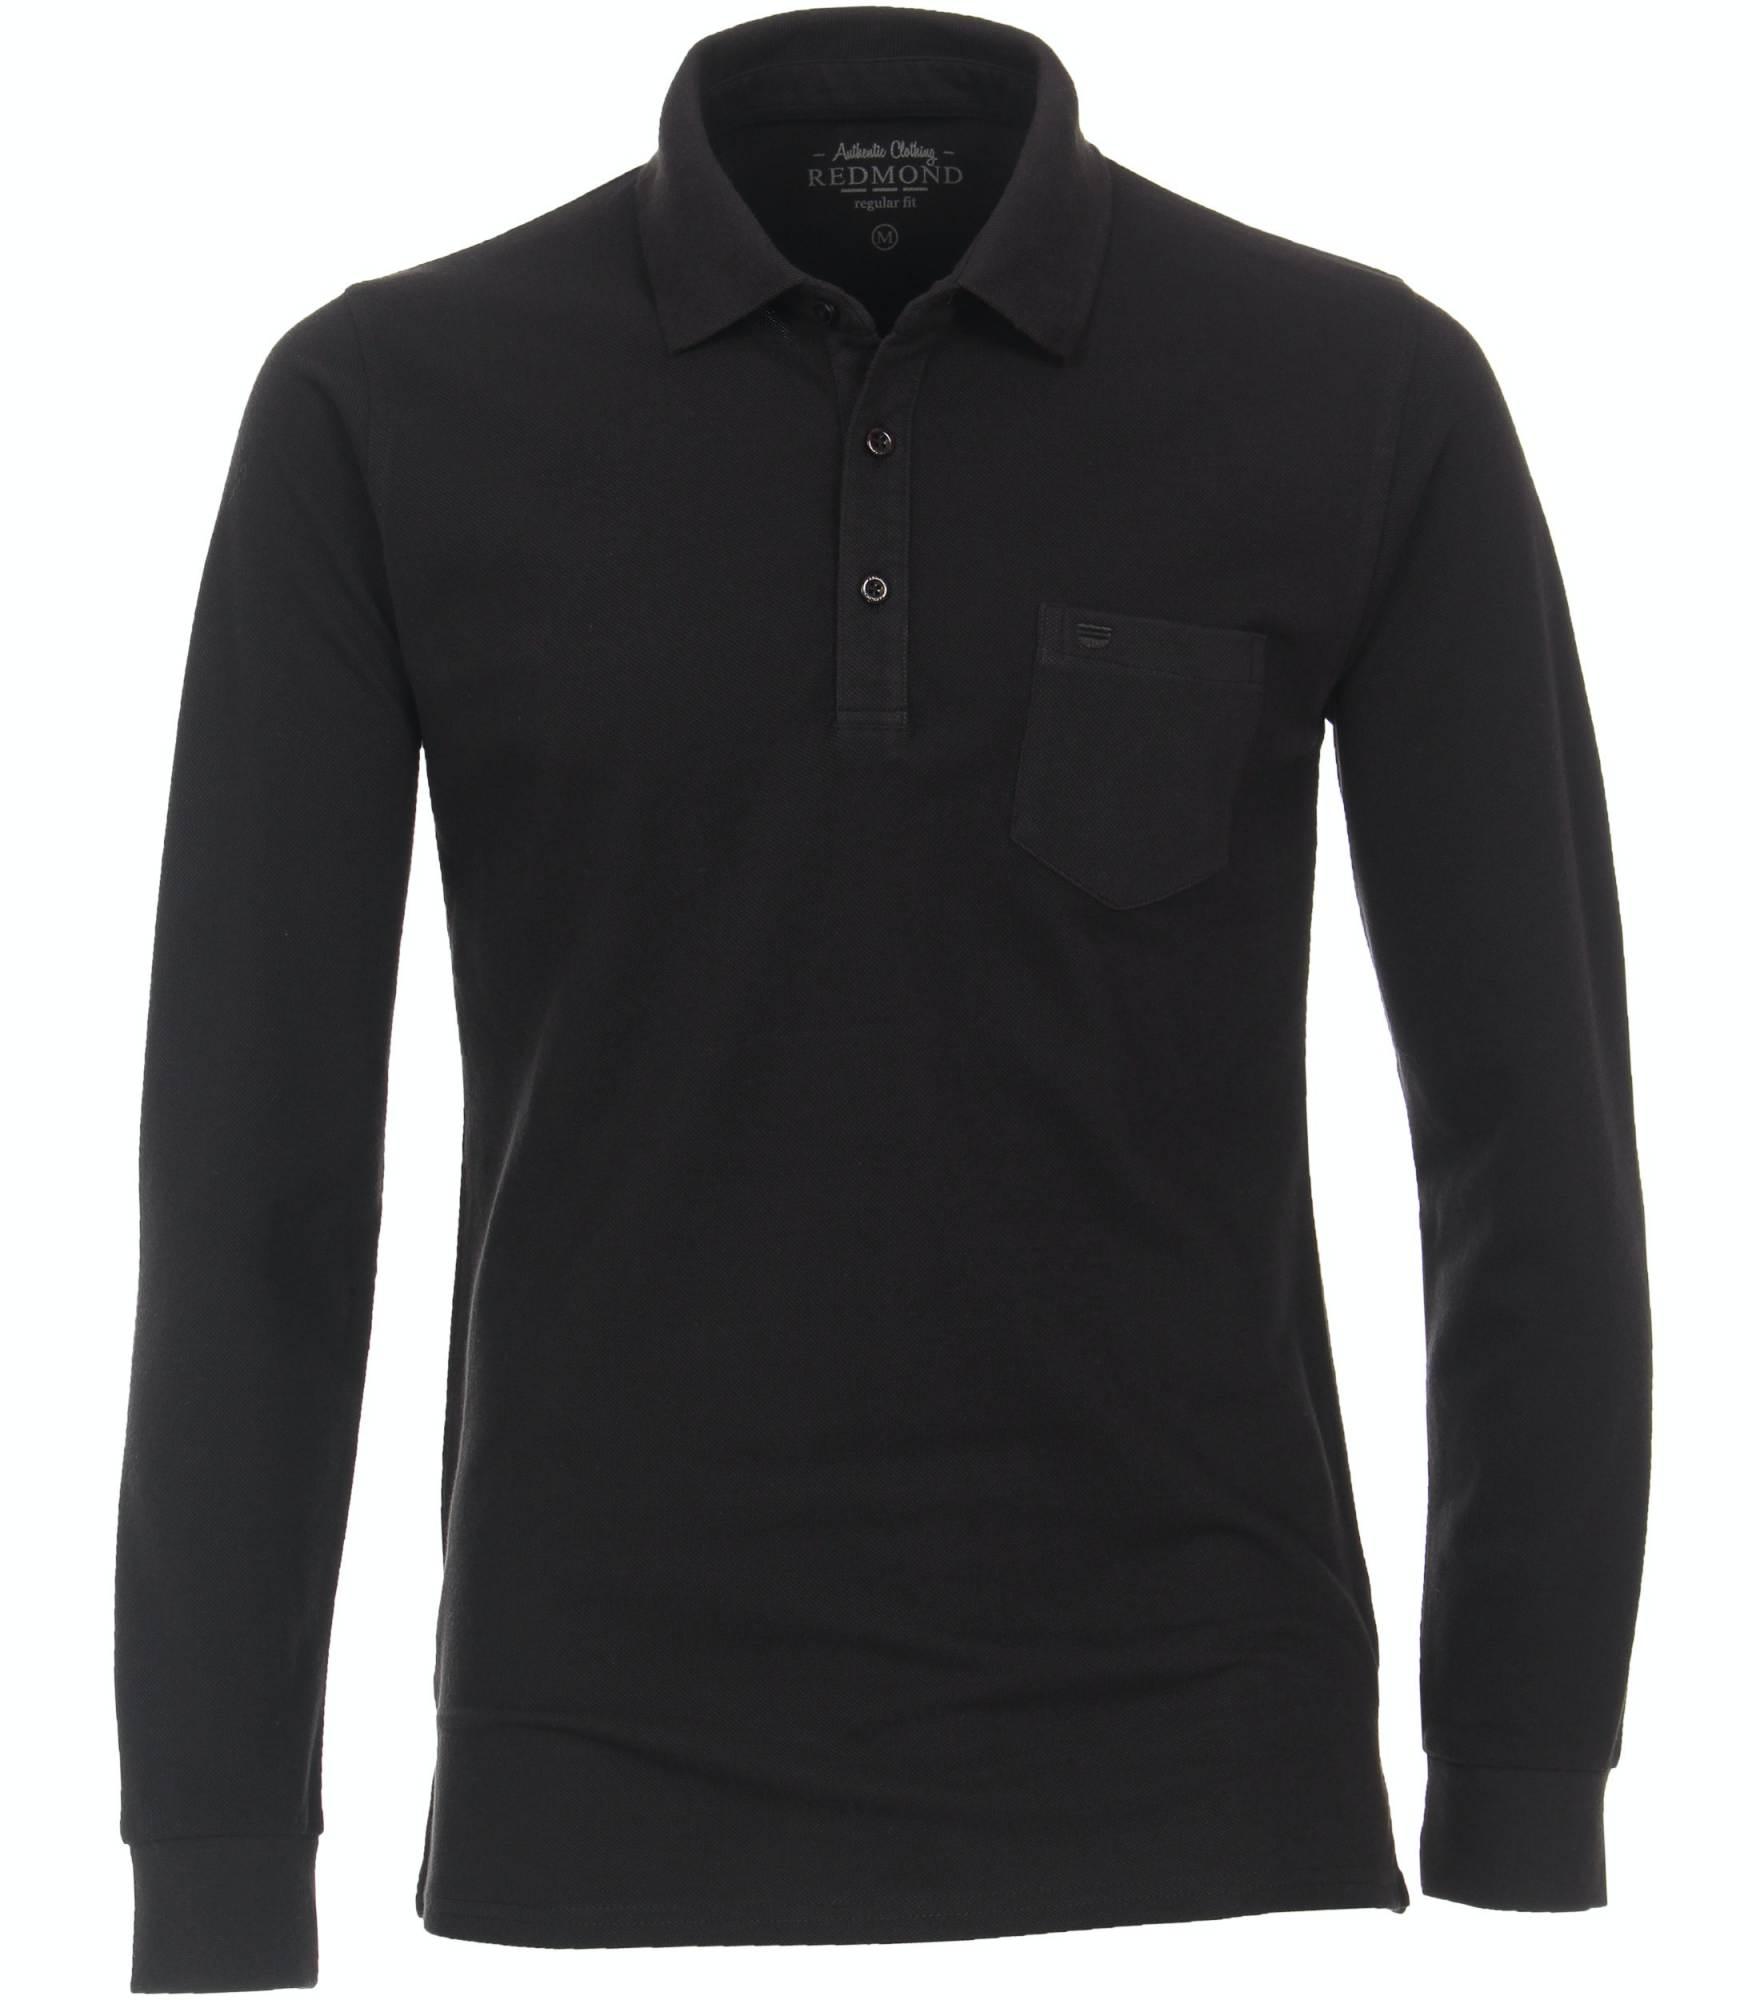 212895950 90 Black - - Con Murphys Menswear